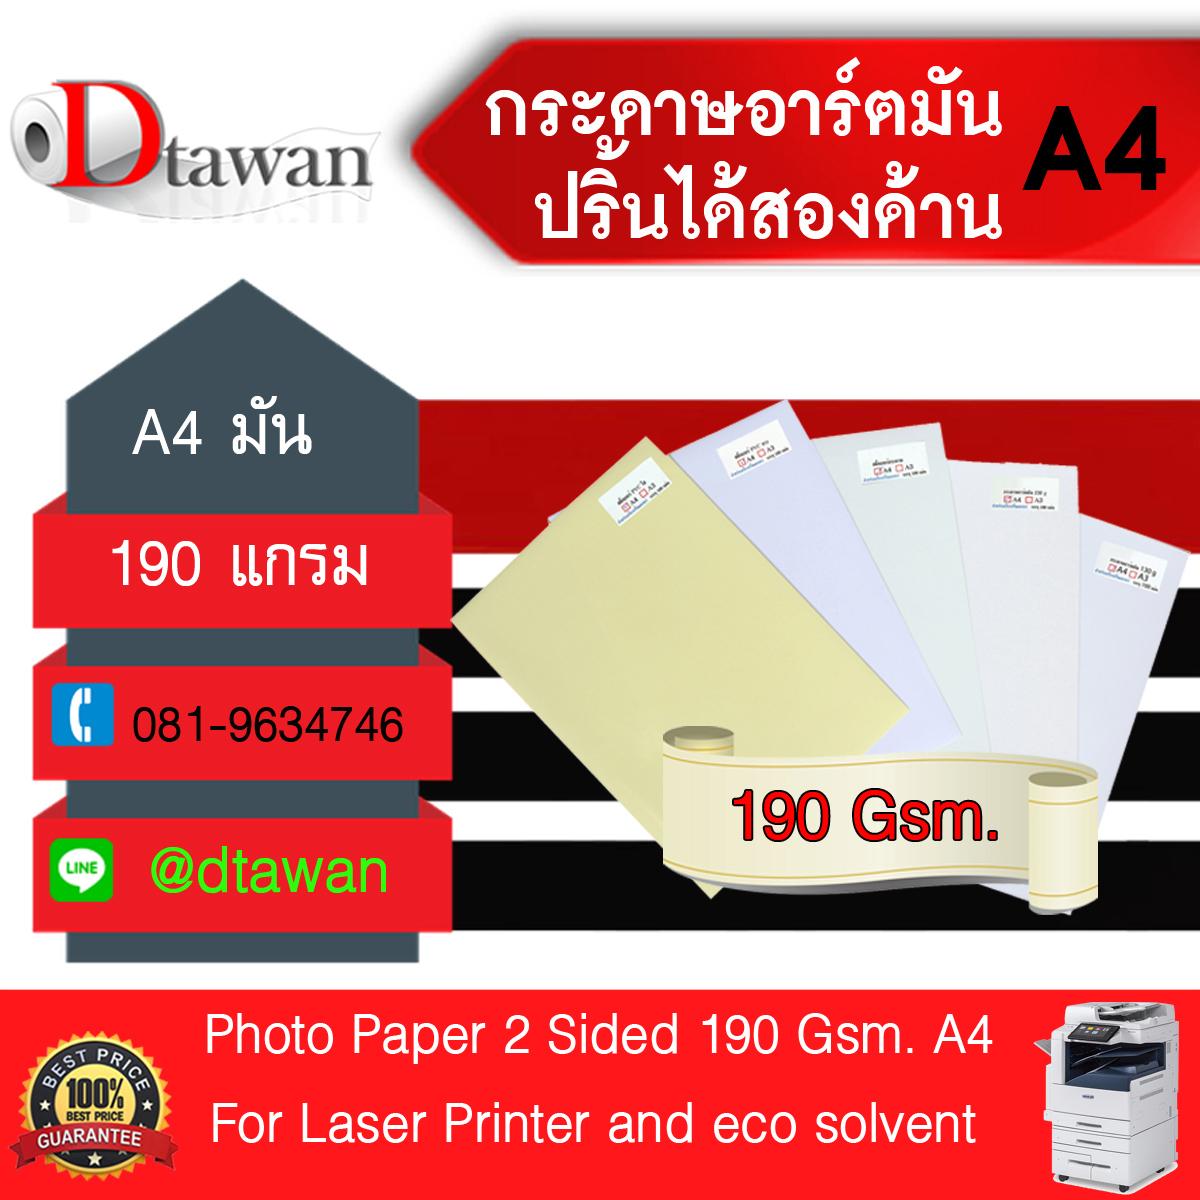 กระดาษอาร์ตมัน 2หน้า 190g (190แกรม) ขนาด A4